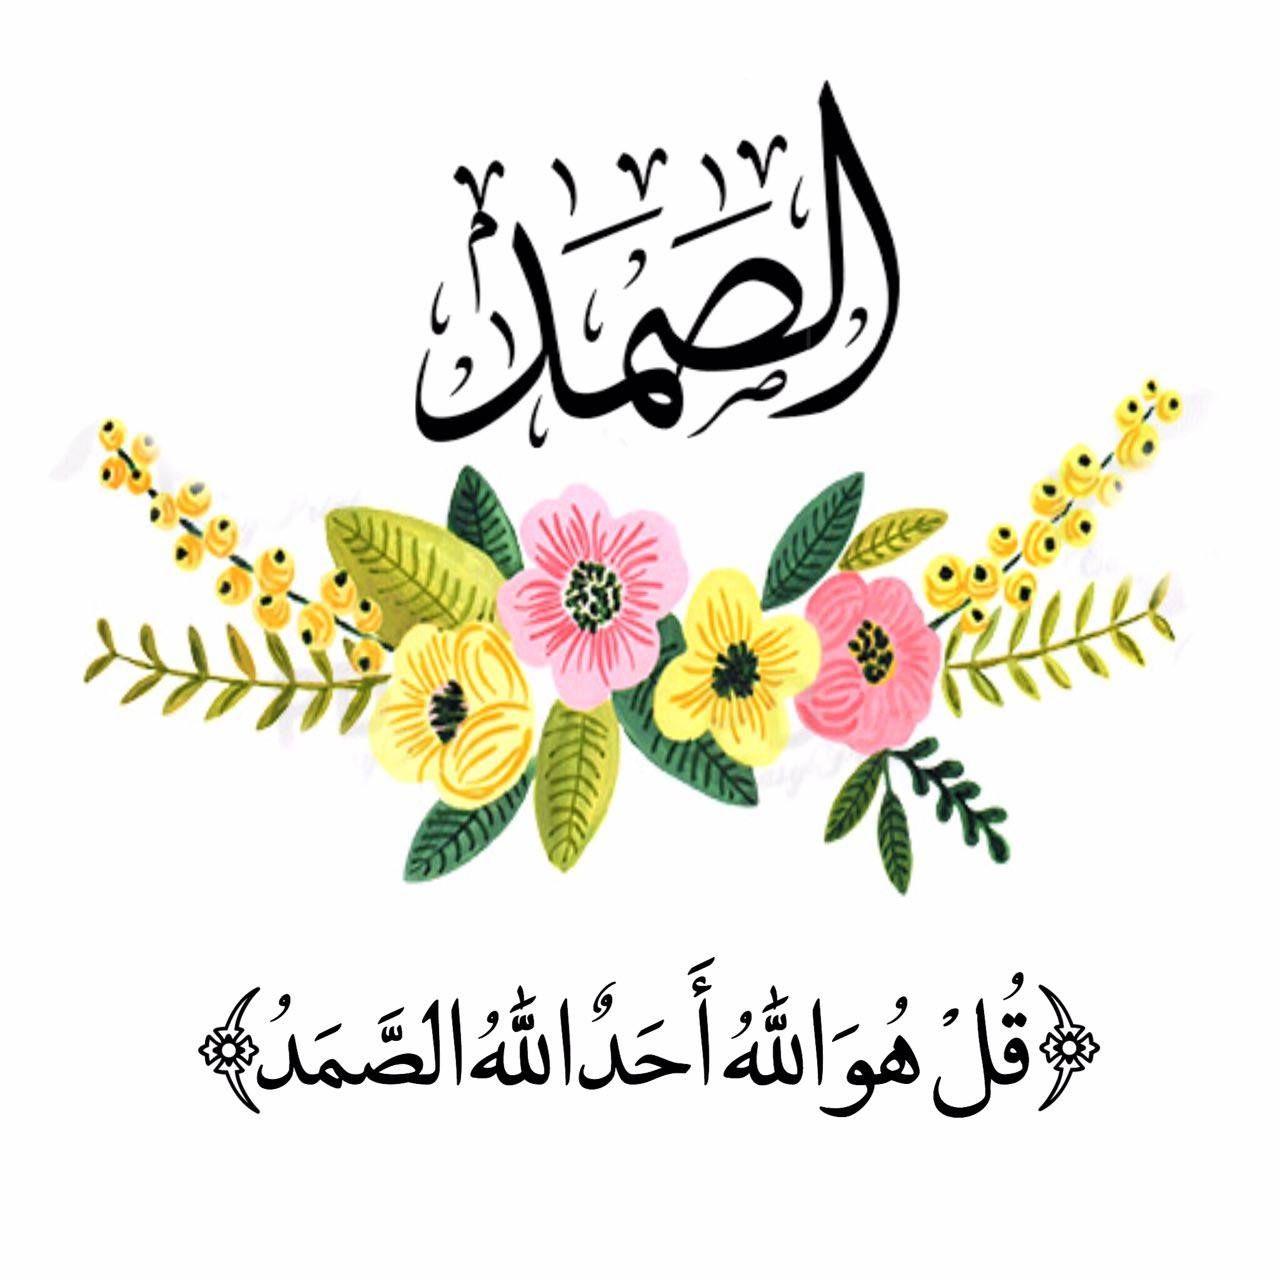 23 اسم الصمد اسم الله الصمد أي السيد الذي انتهى سؤدده العظيم الذاي قد كمل في جميع صفاته فهو واسع الص Islamic Love Quotes Islamic Wall Art Quran